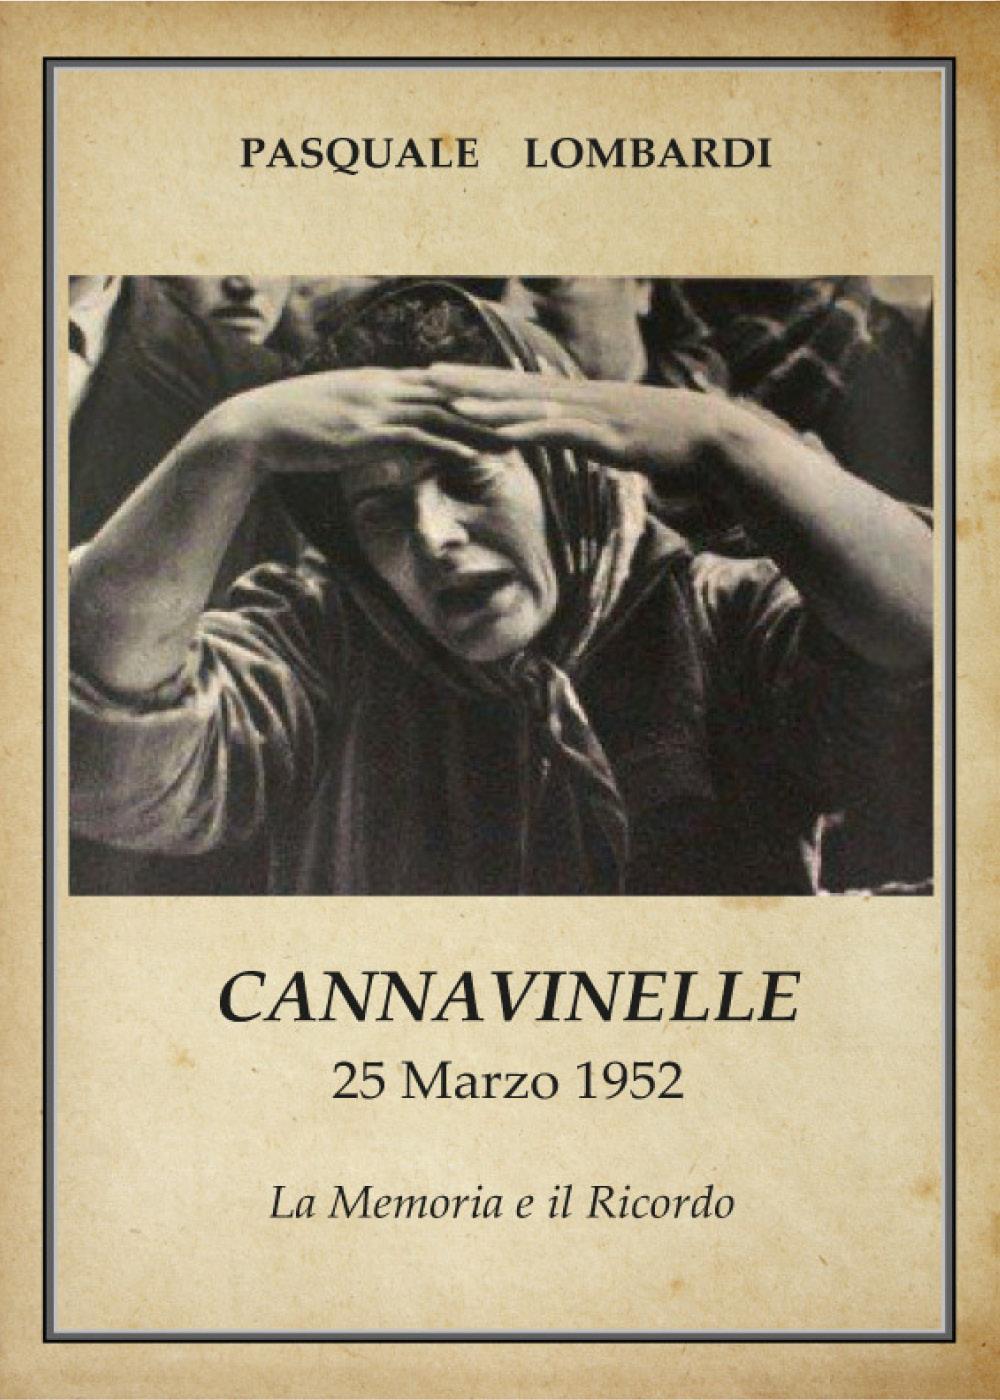 Cannavinelle